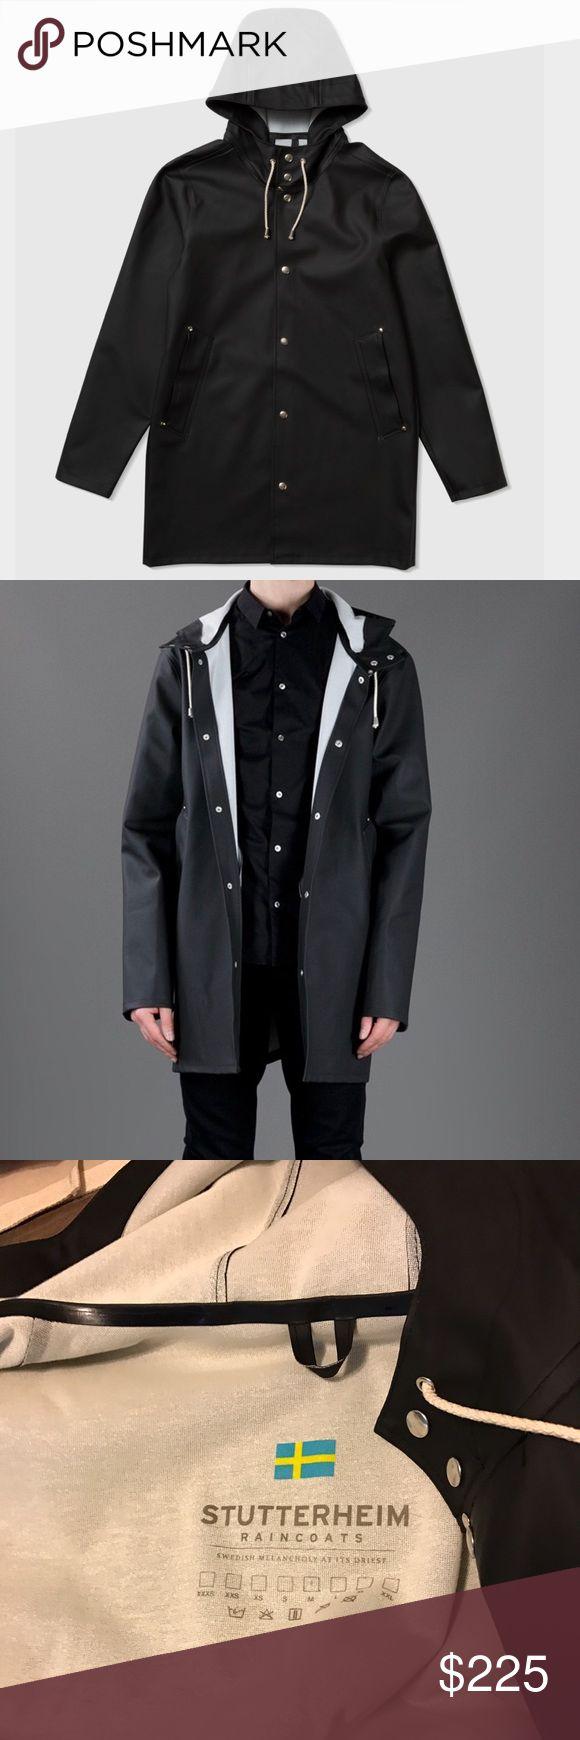 Black Men's Stutterheim raincoat This is a men's black Stutterheim rain coat, size medium. Like new, only been worn a few times. Stutterheim Jackets & Coats Raincoats